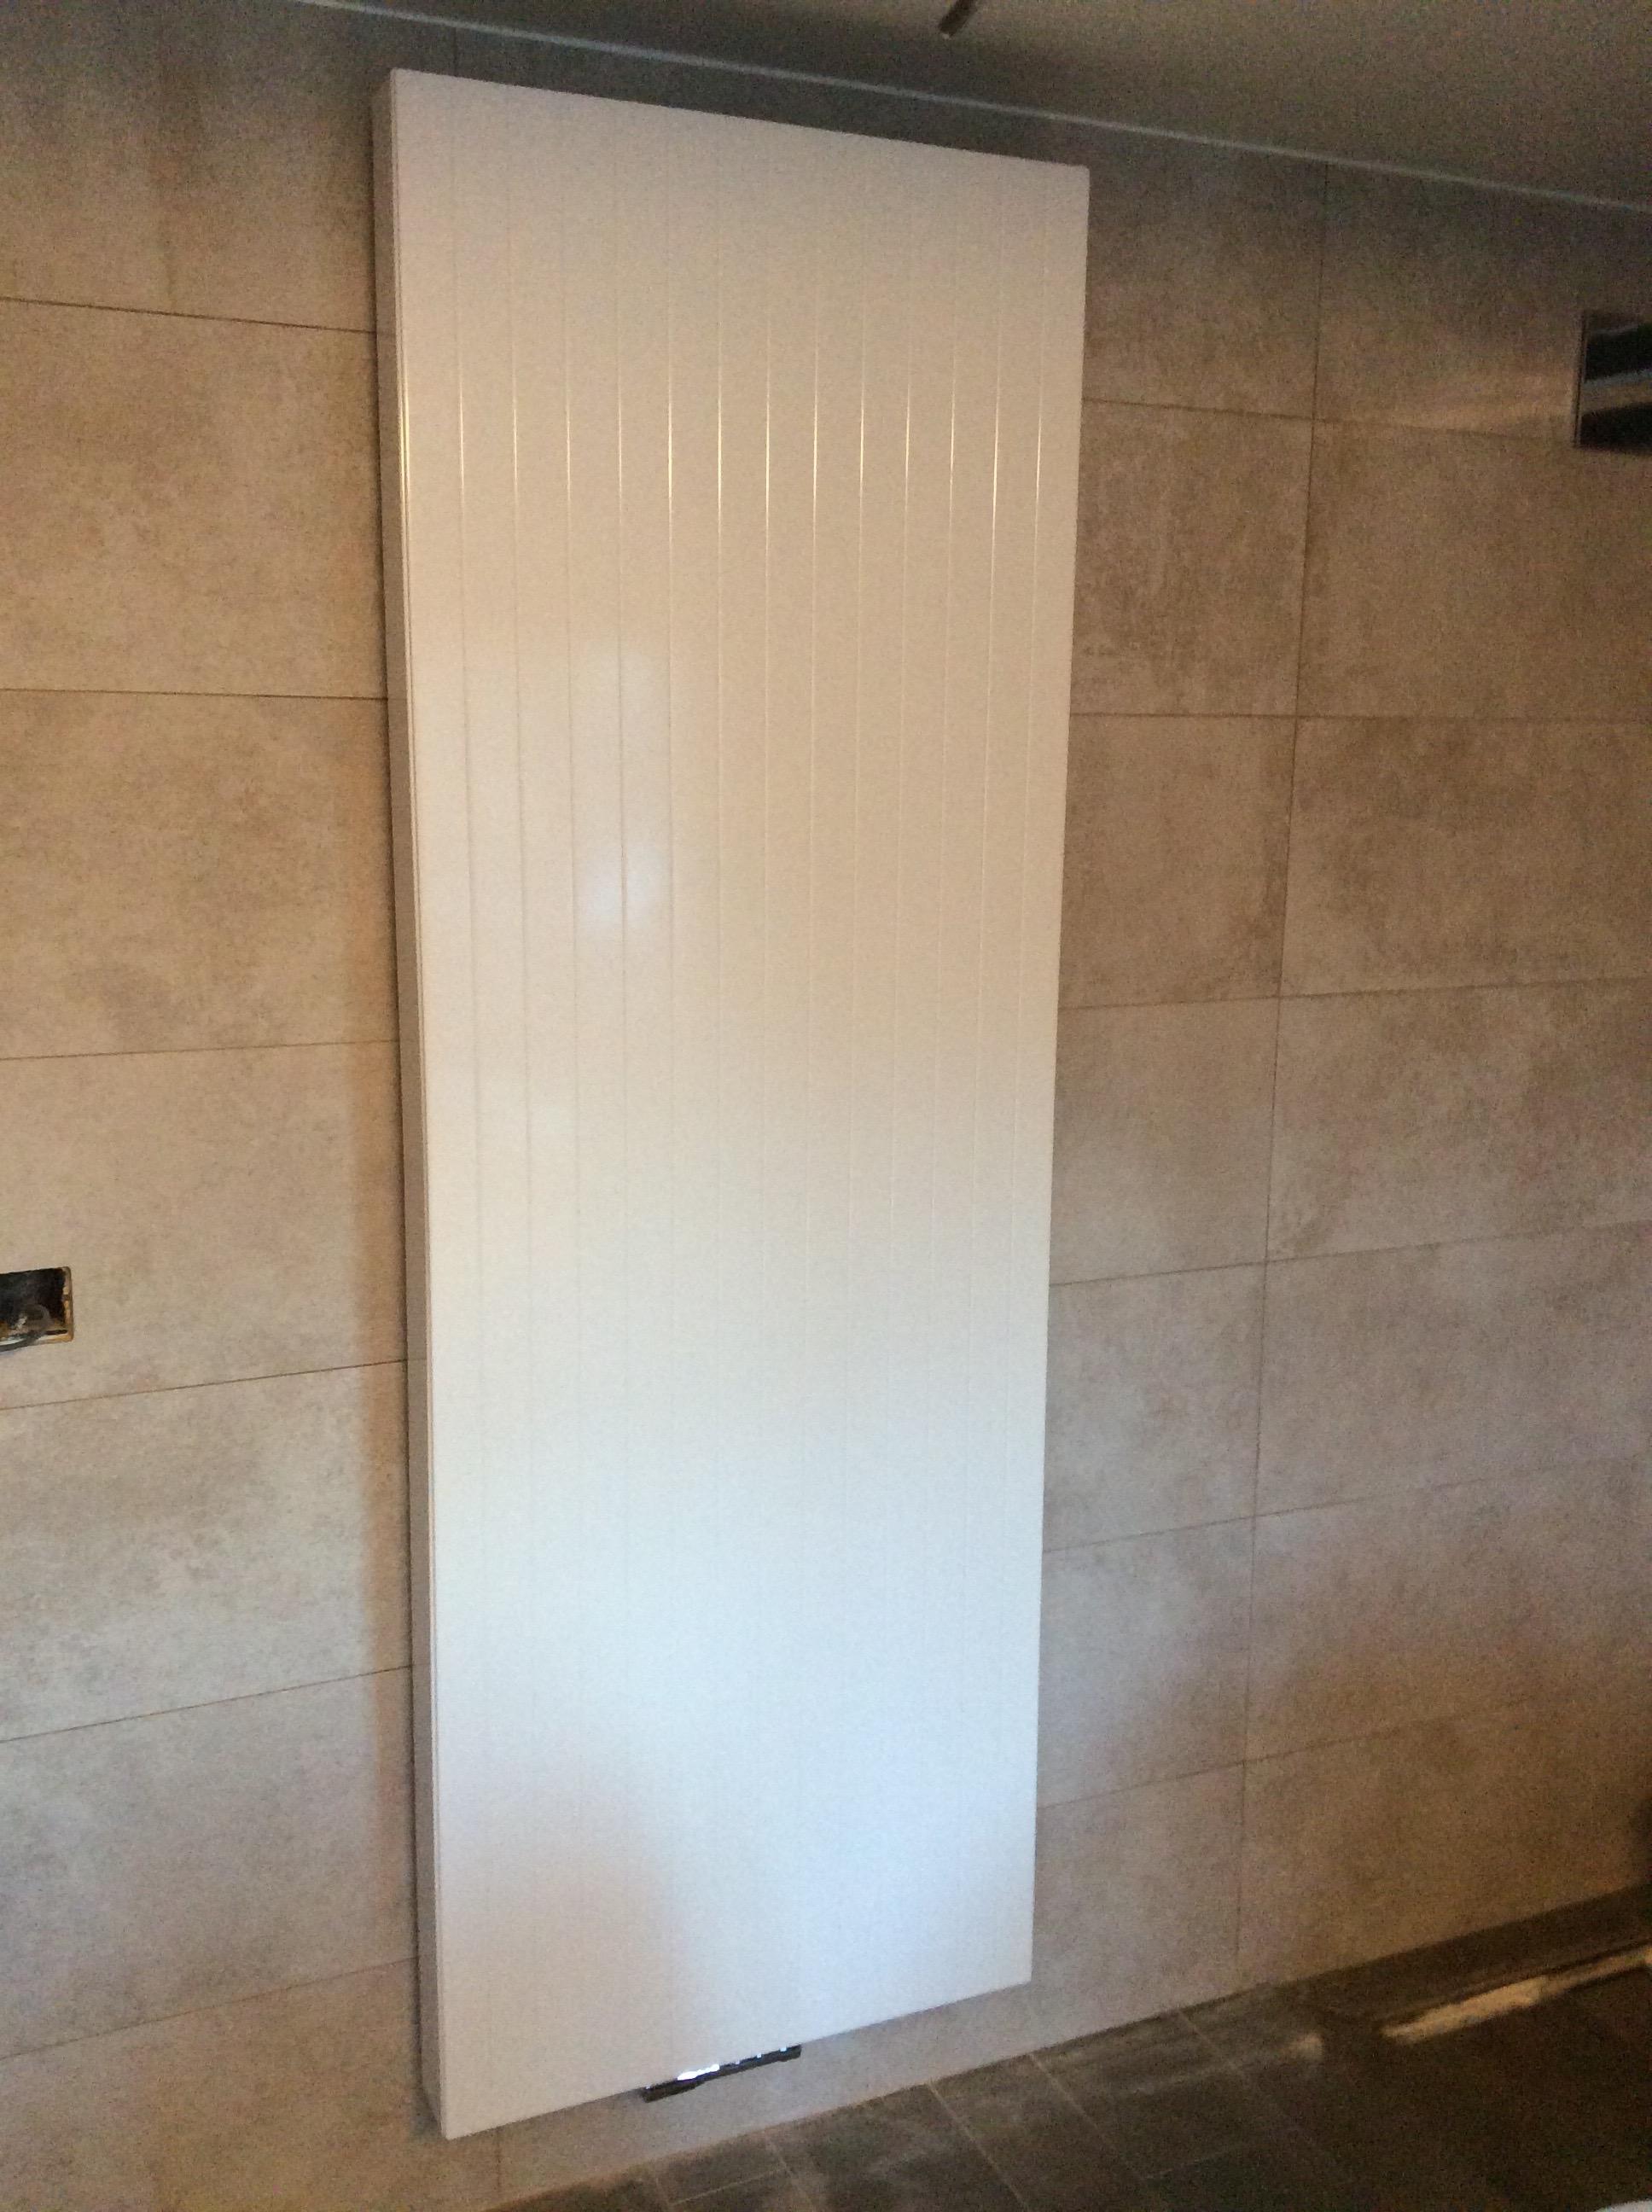 Plaatsen van radiator